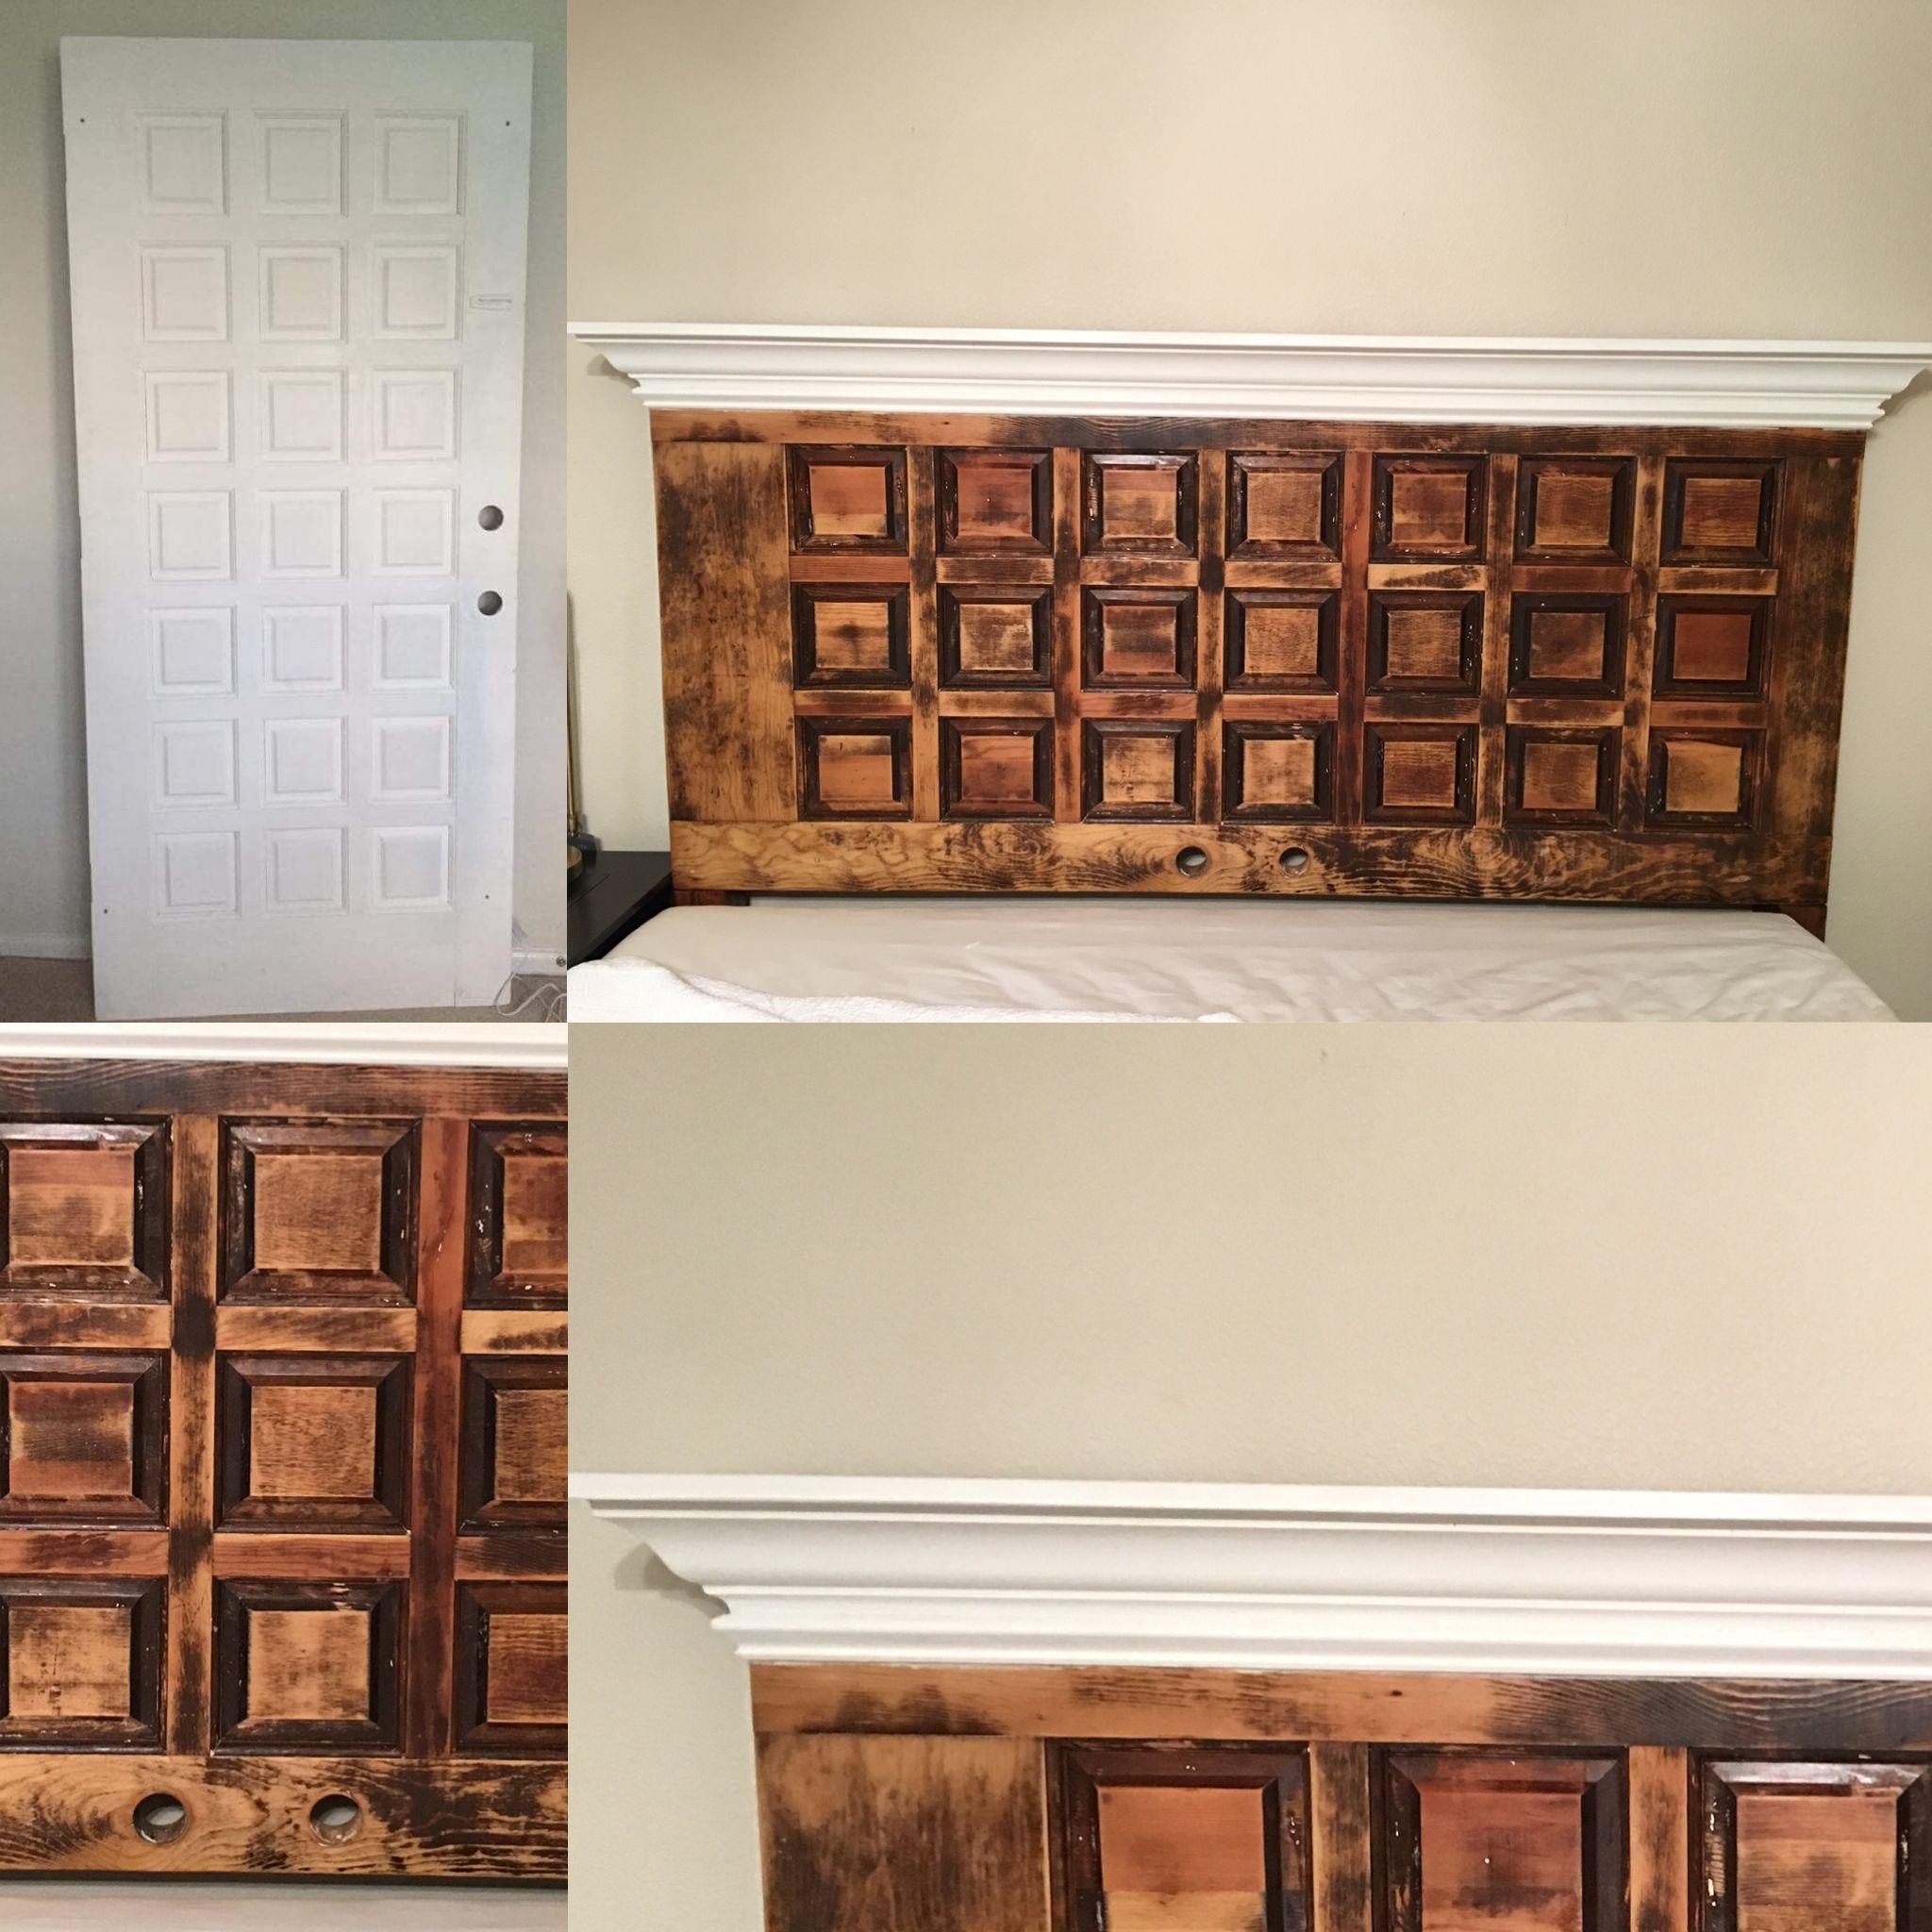 Diy Antique Door Headboard Before Top Left And After A Little Crown Molding Paint Removal Sanding And Antique Door Headboards Door Headboard Antique Door